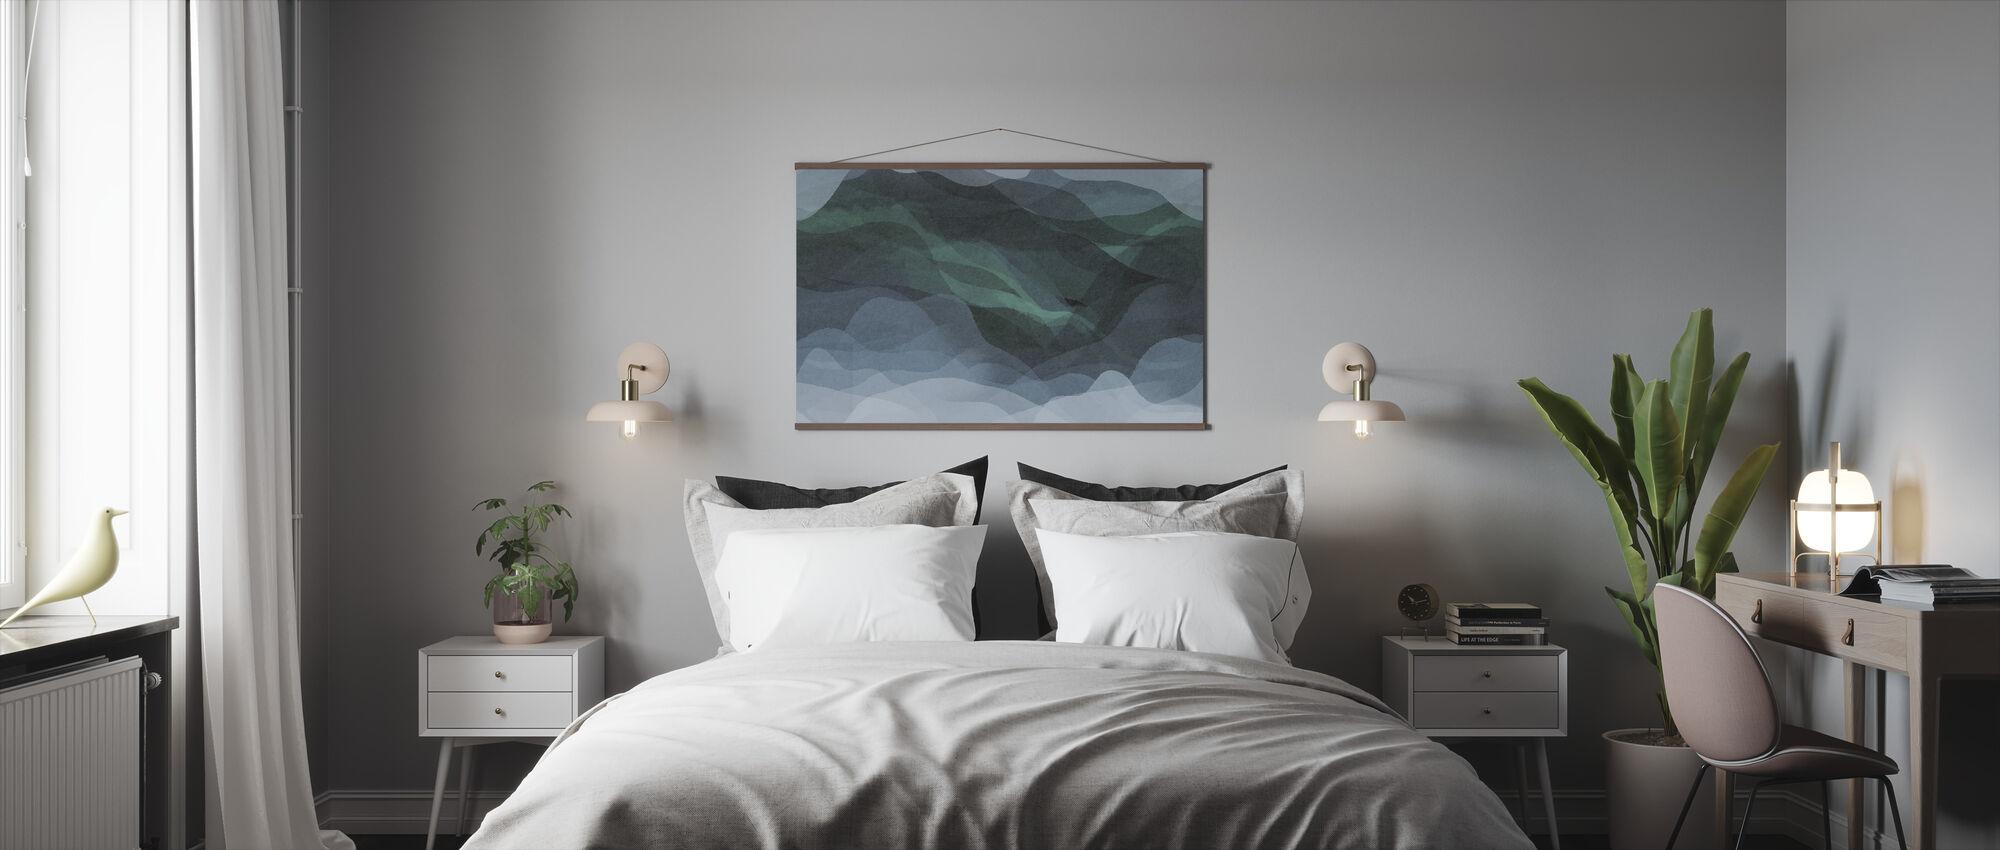 Gradient - Bluish-Green - Poster - Bedroom